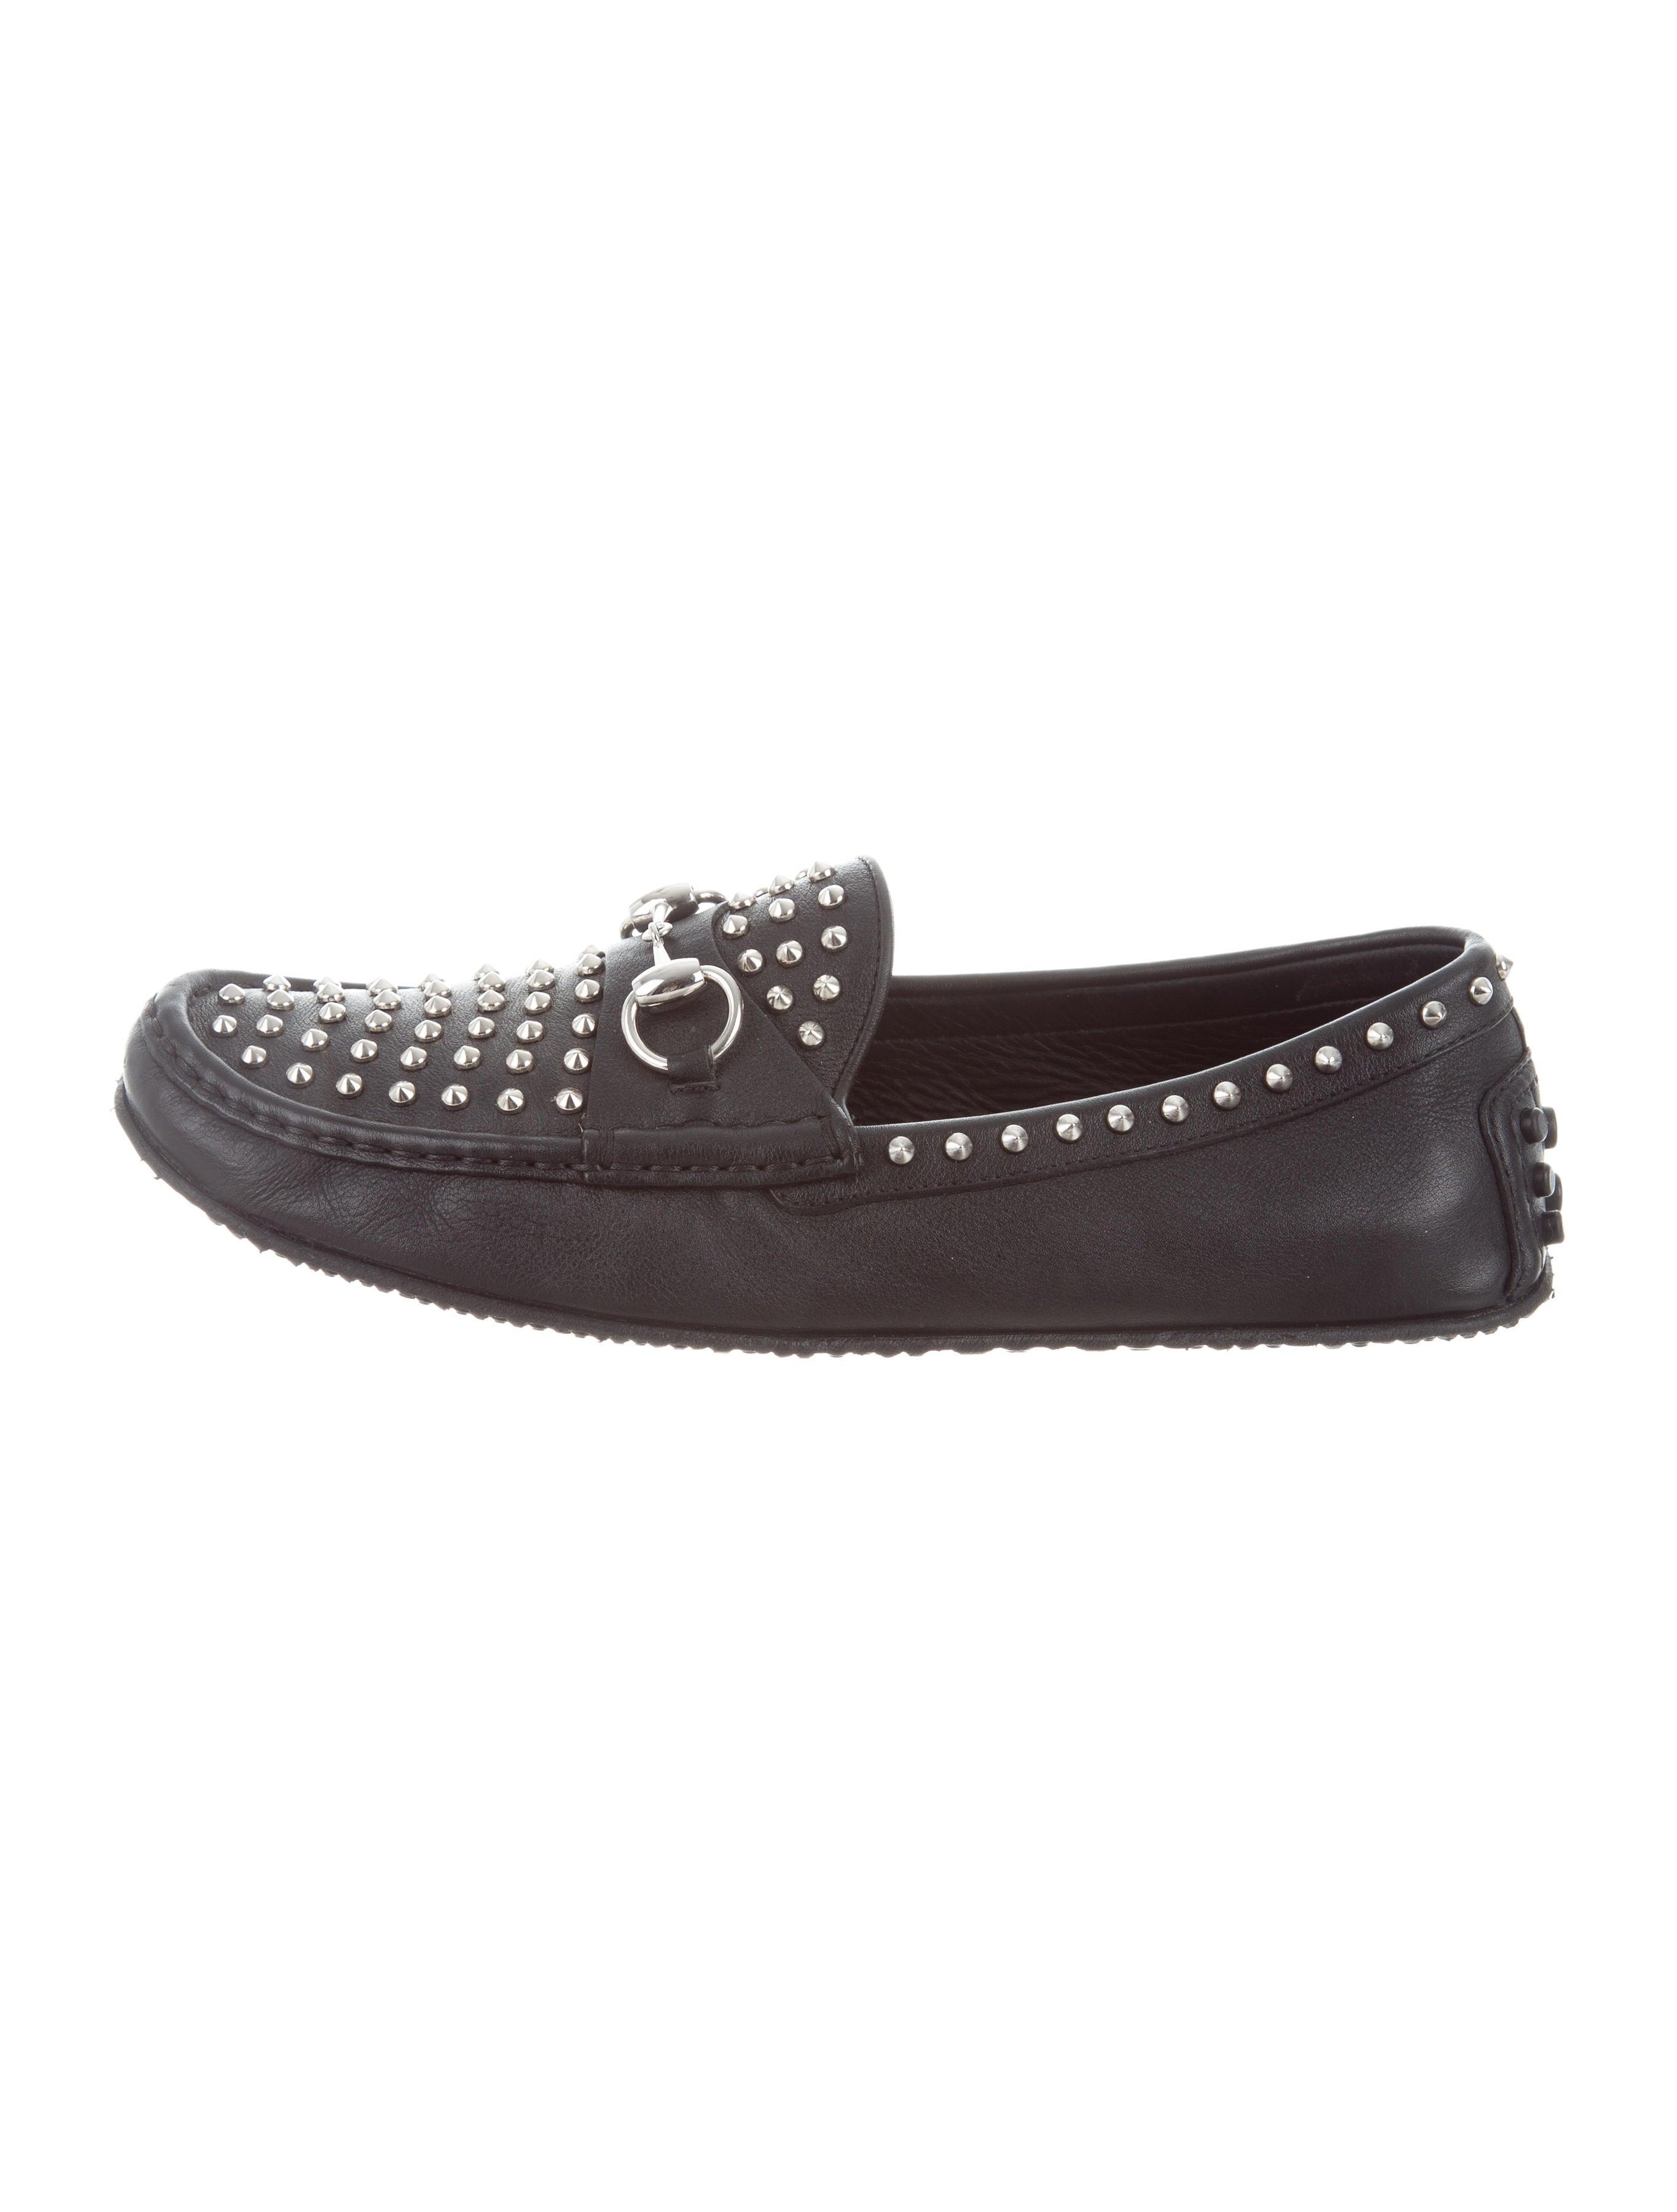 e30a9894e81 Gucci Horsebit Spike-Embellished Loafers - Shoes - GUC188049